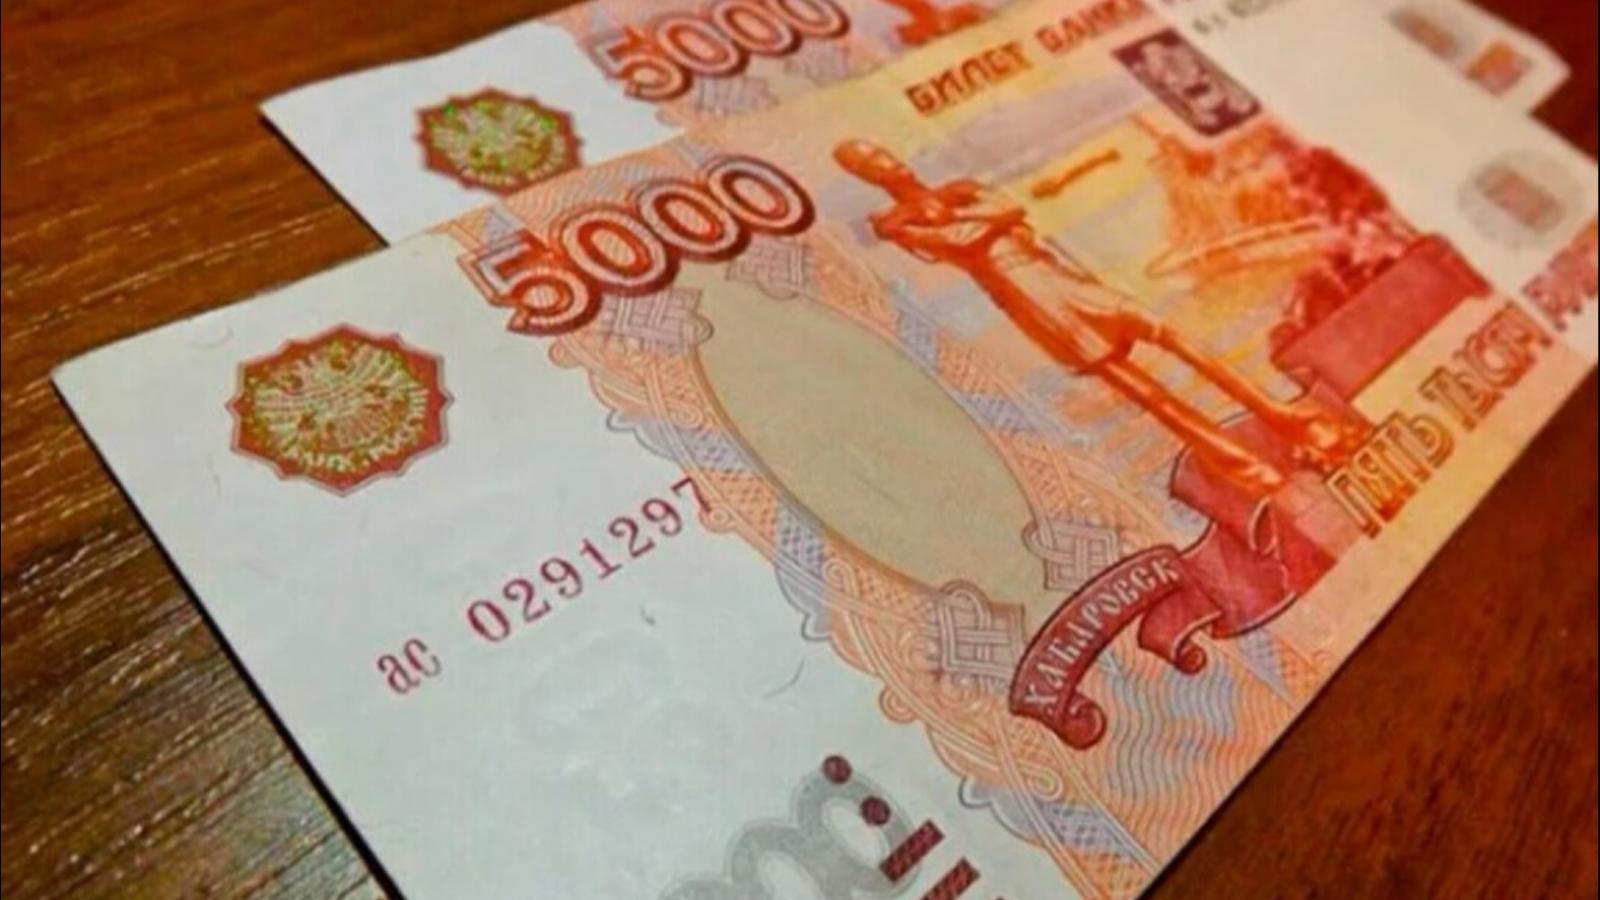 Куда выгодно вложить 10 тысяч рублей? Об этом рассказал финансист